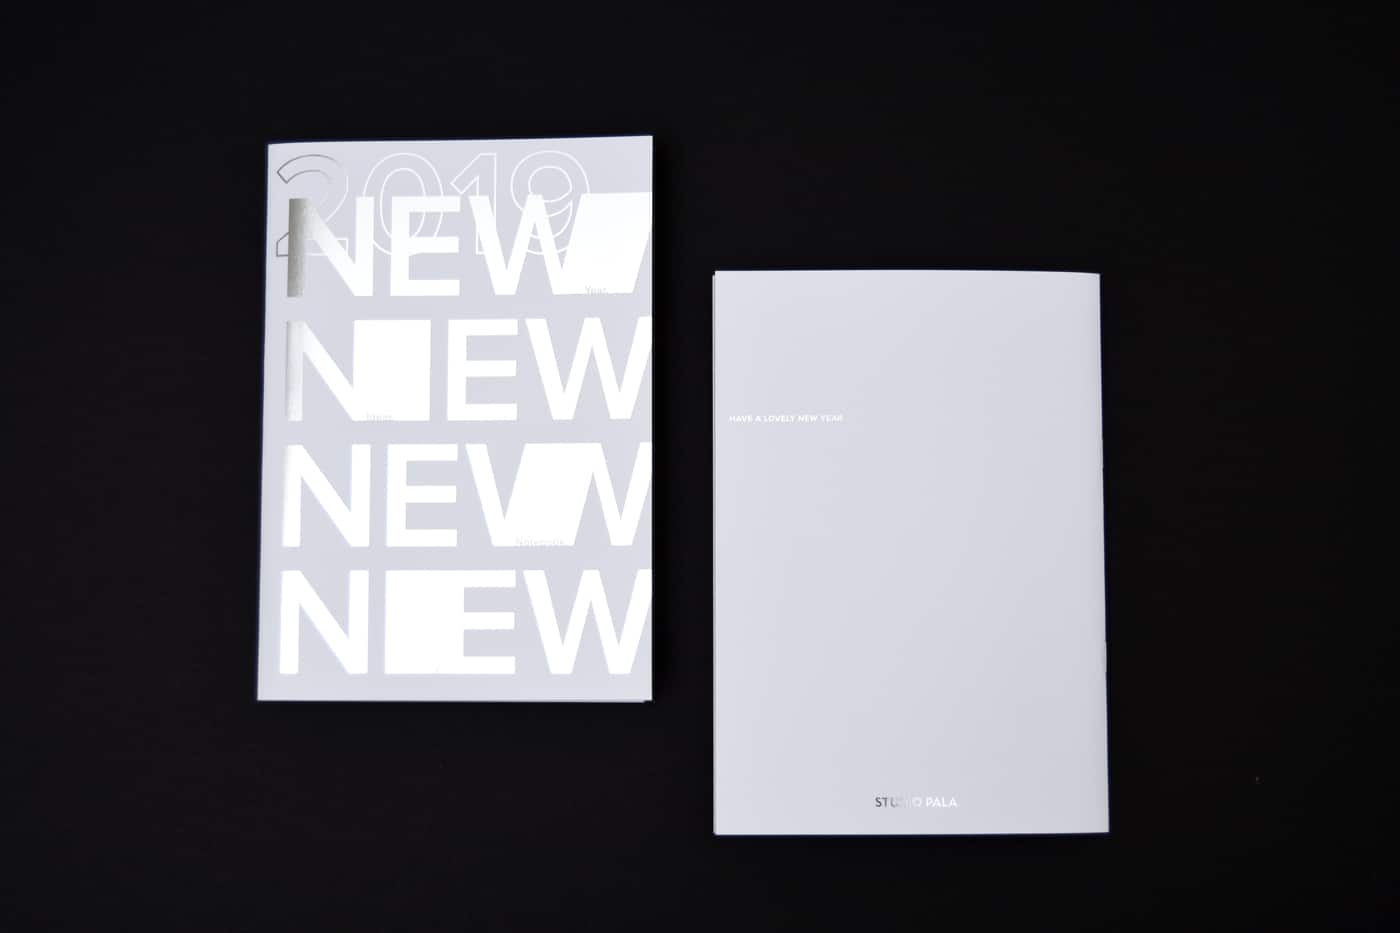 Notizbuch Design Studio Pala Weihnachten 2018